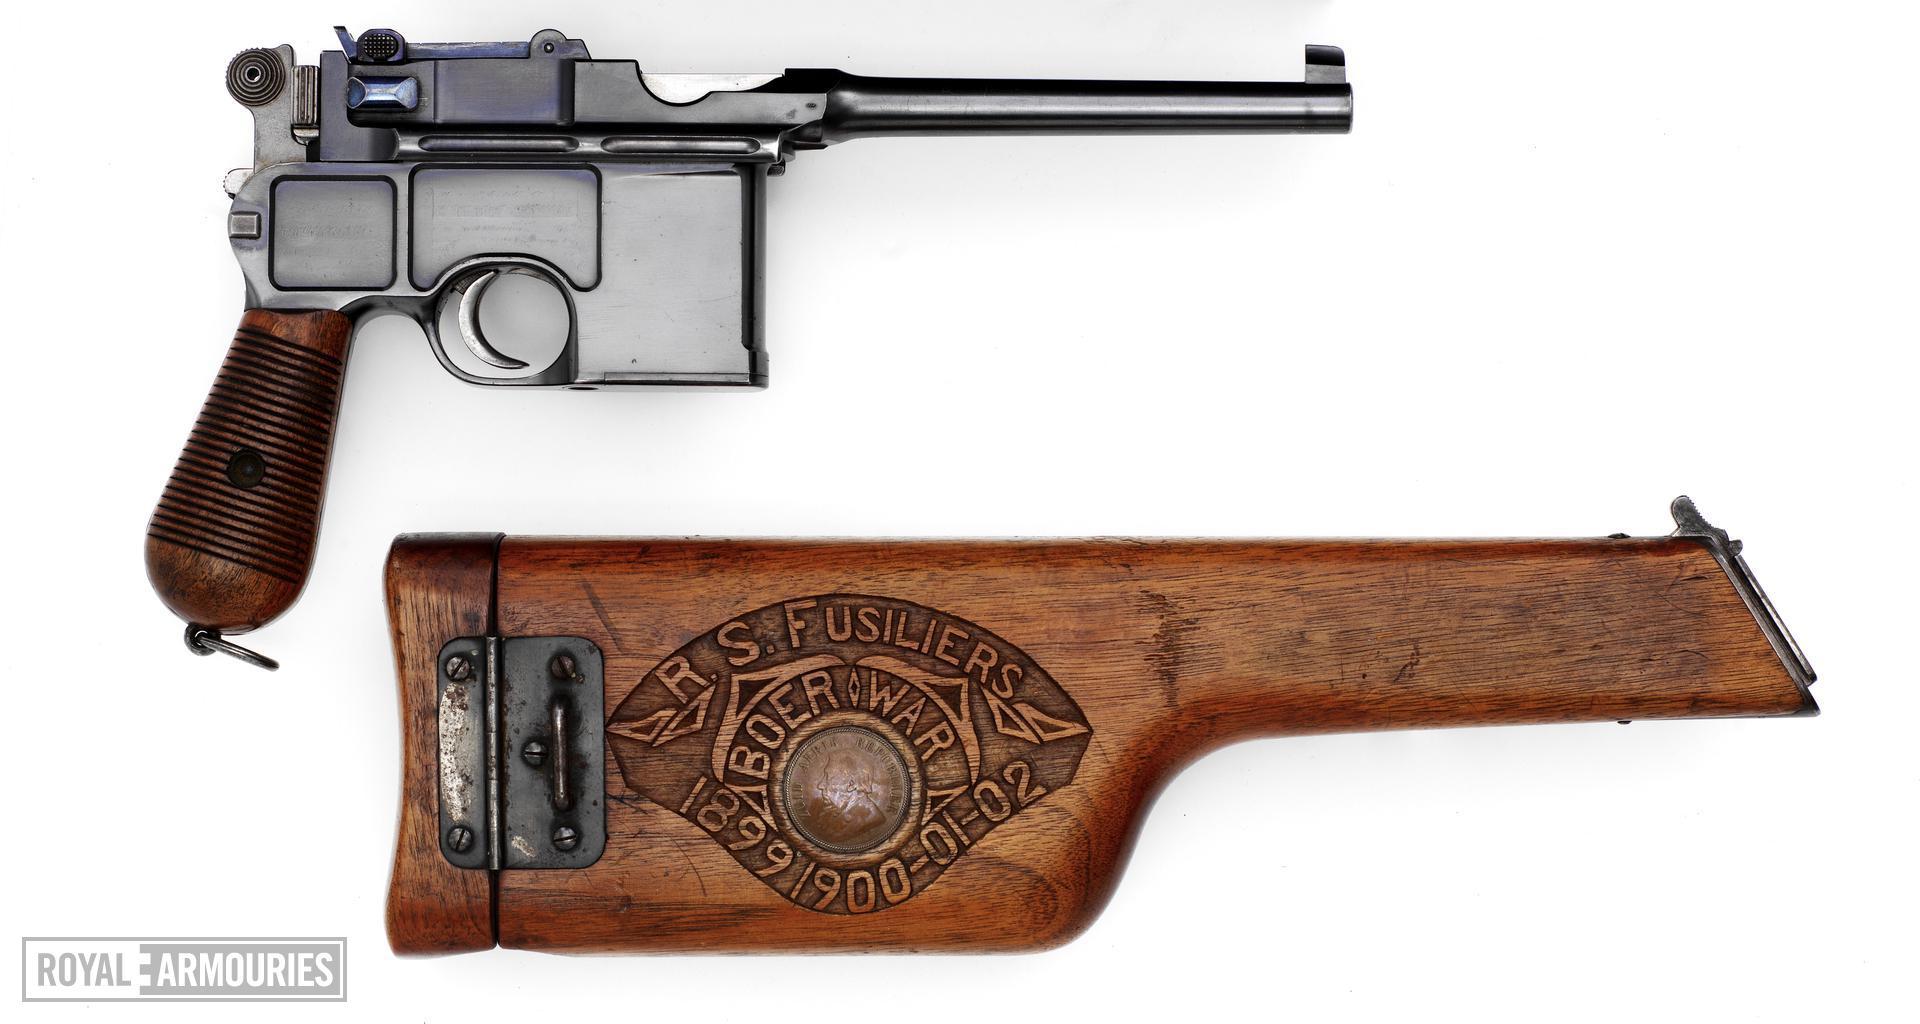 Centrefire self-loading pistol - Mauser C96 Centrefire self-loading pistol, Mauser C96, Germany, 1898.